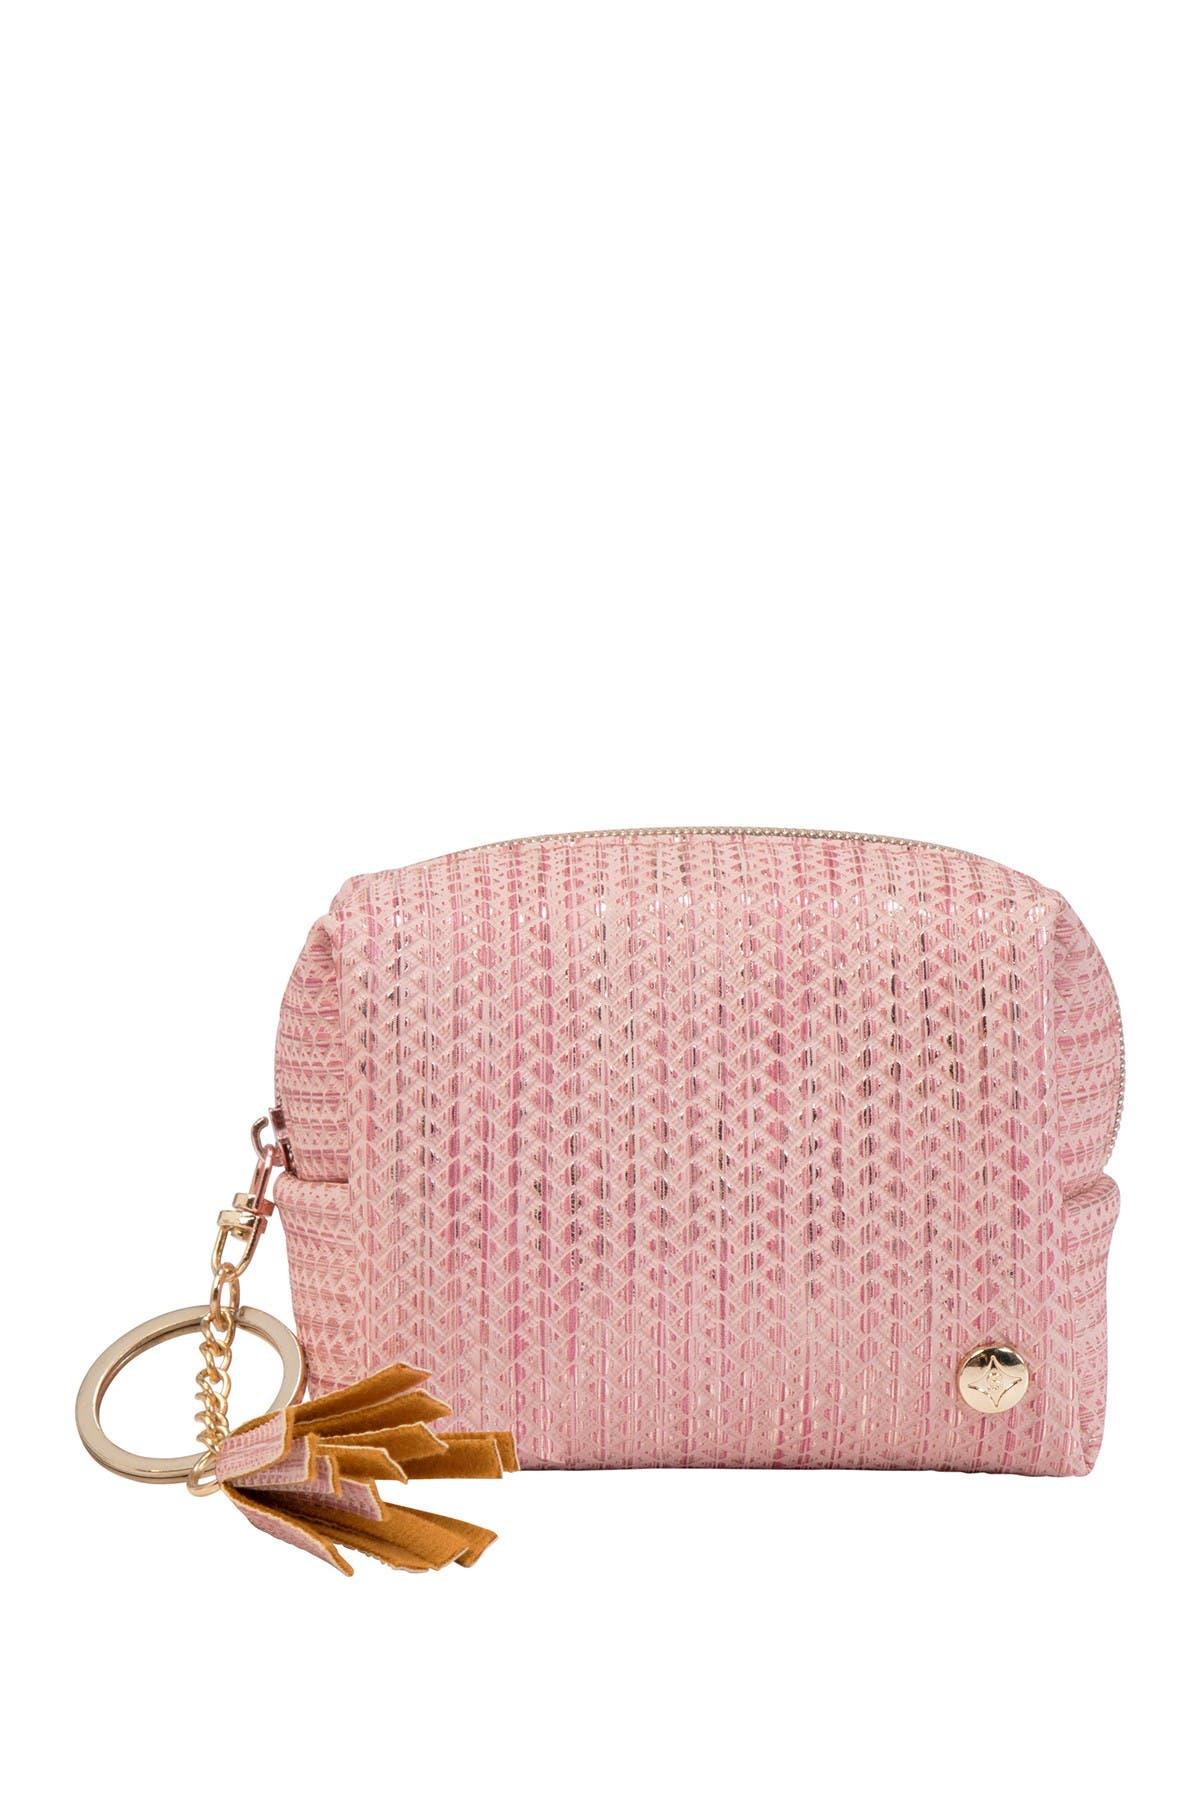 Image of Stephanie Johnson Aruba Zoe Keychain Pouch - Pink